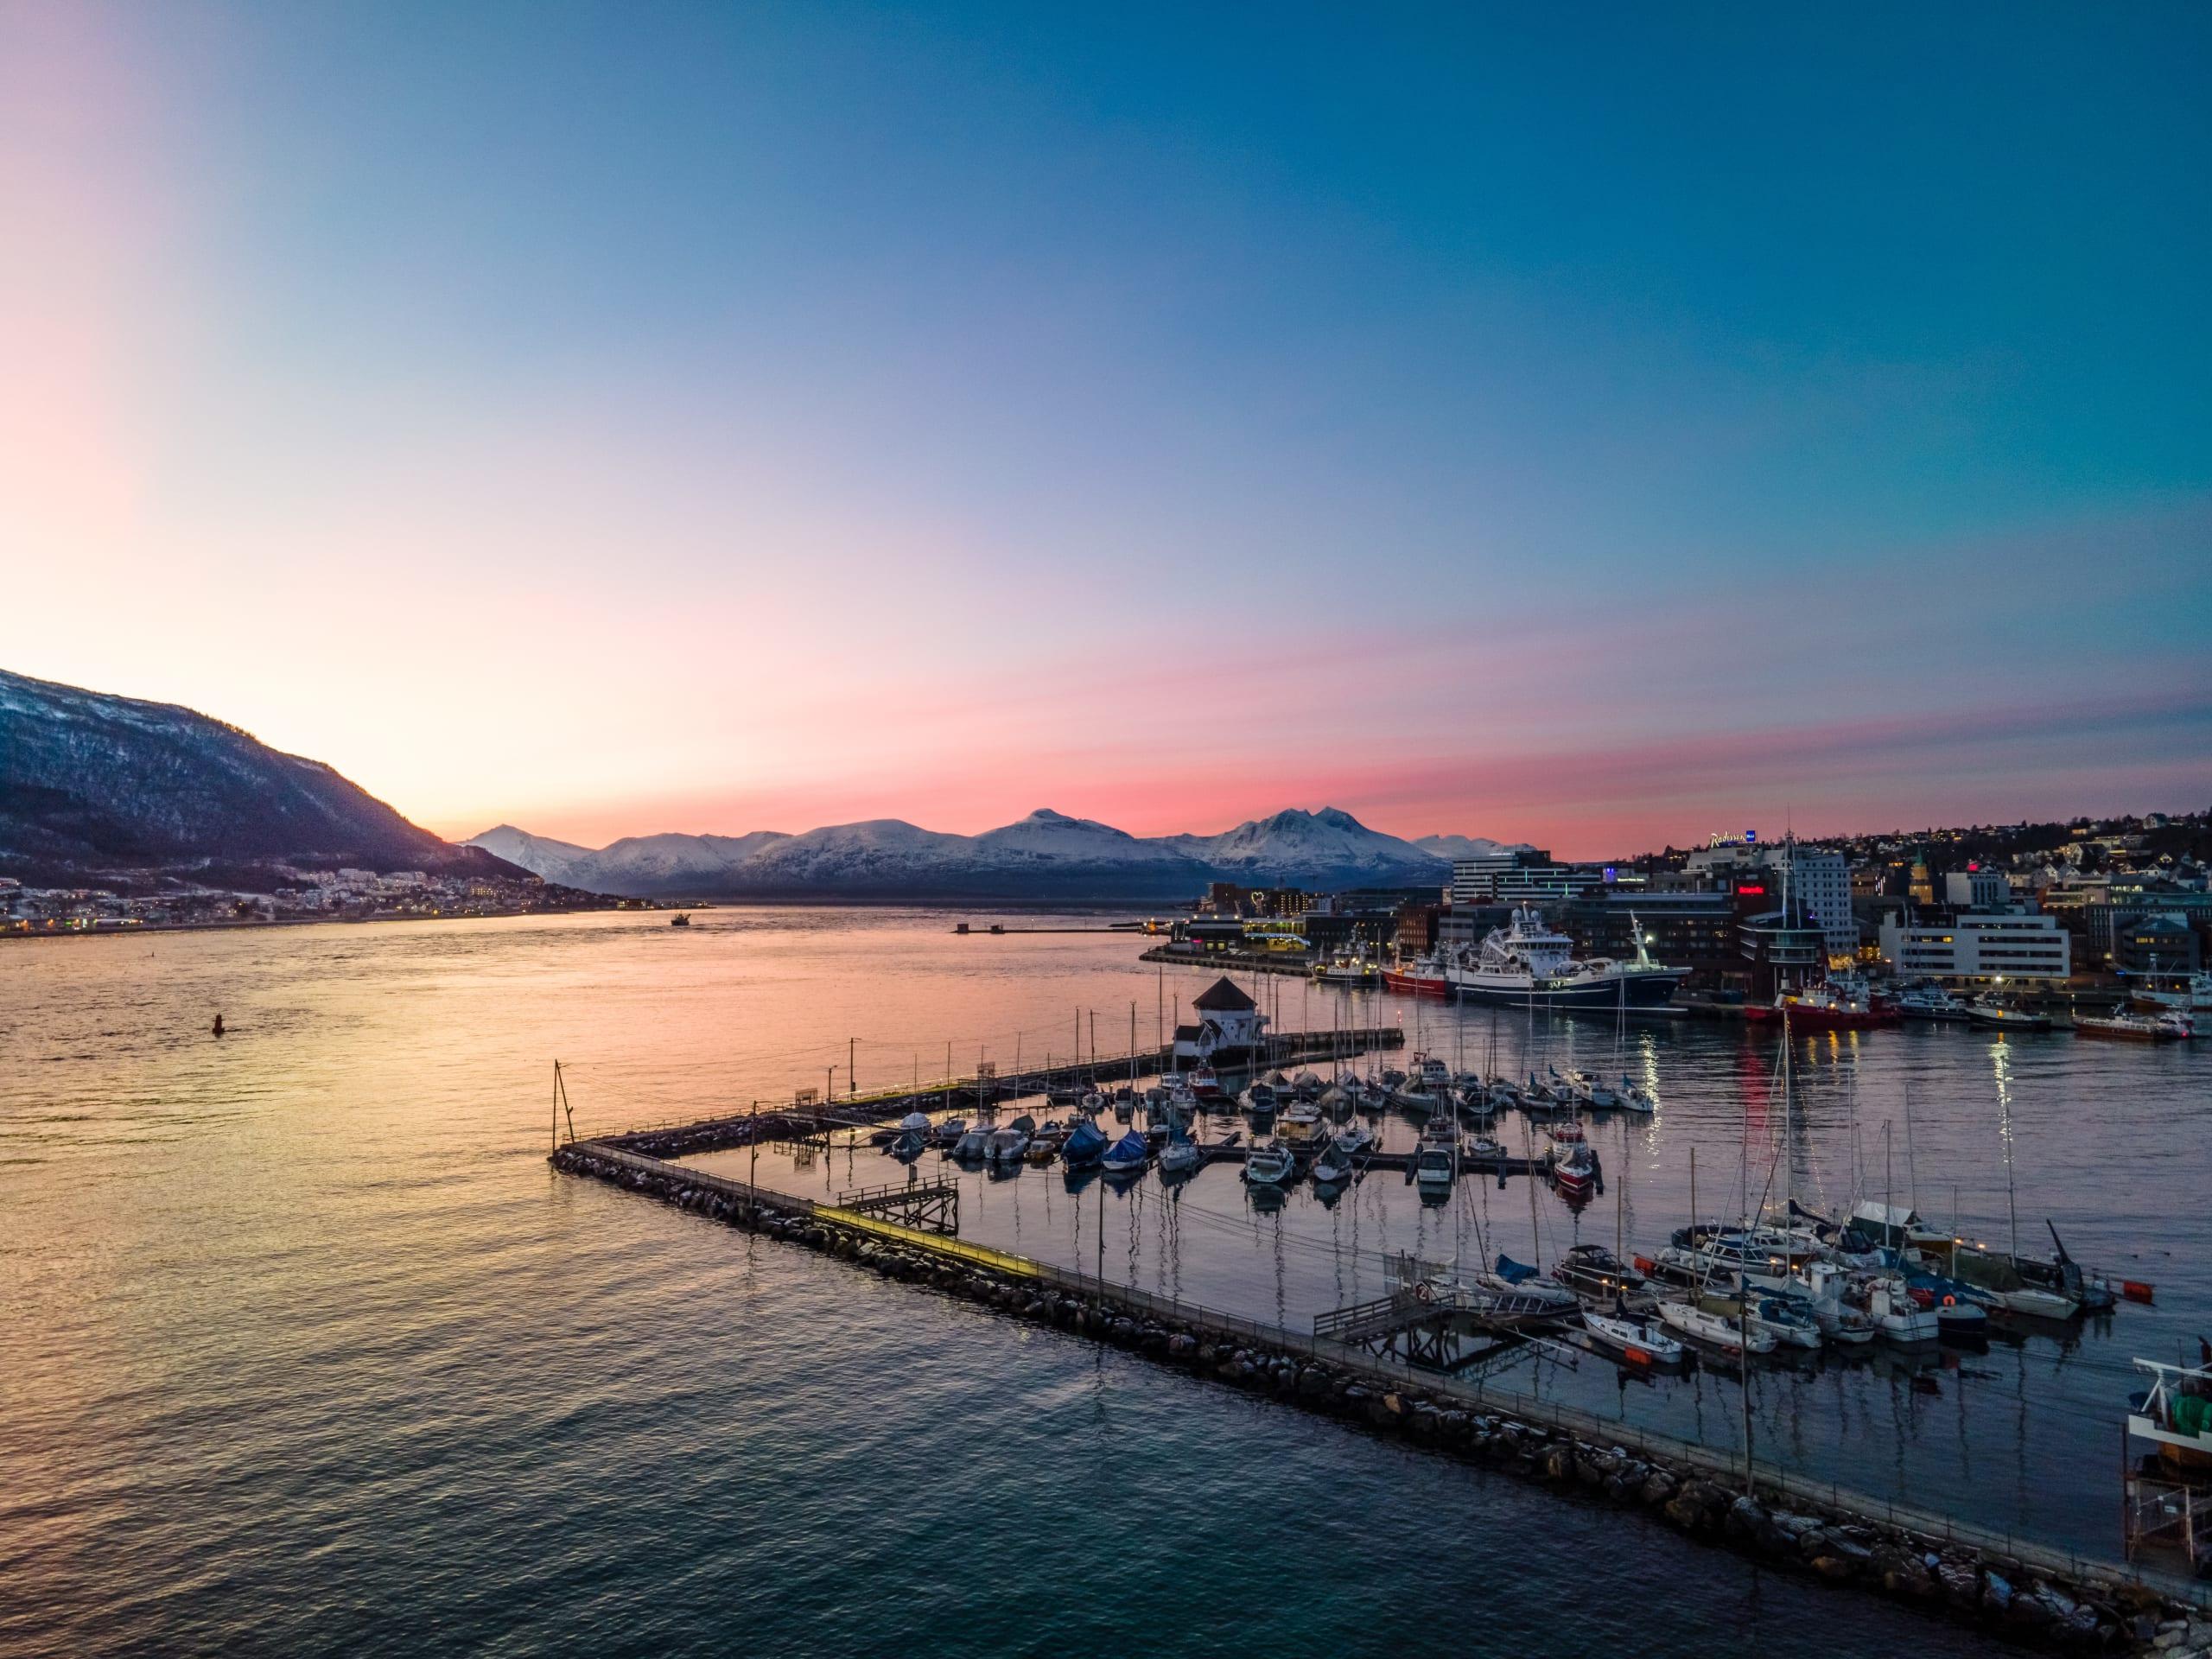 Pink sky at Tromsø waterfront